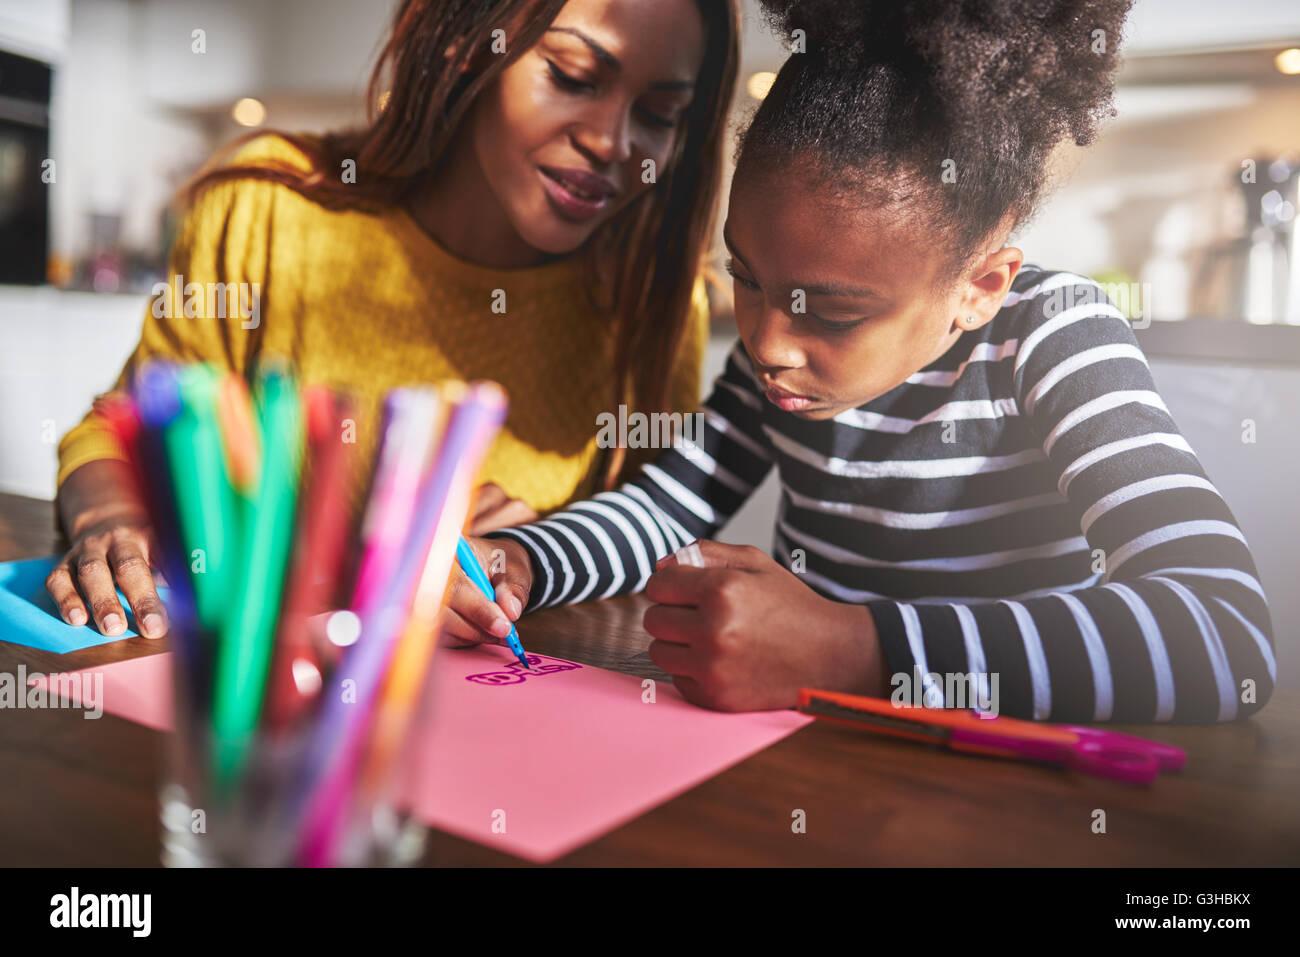 Maman et enfant dessin dans cuisine, mère et fille noire Photo Stock